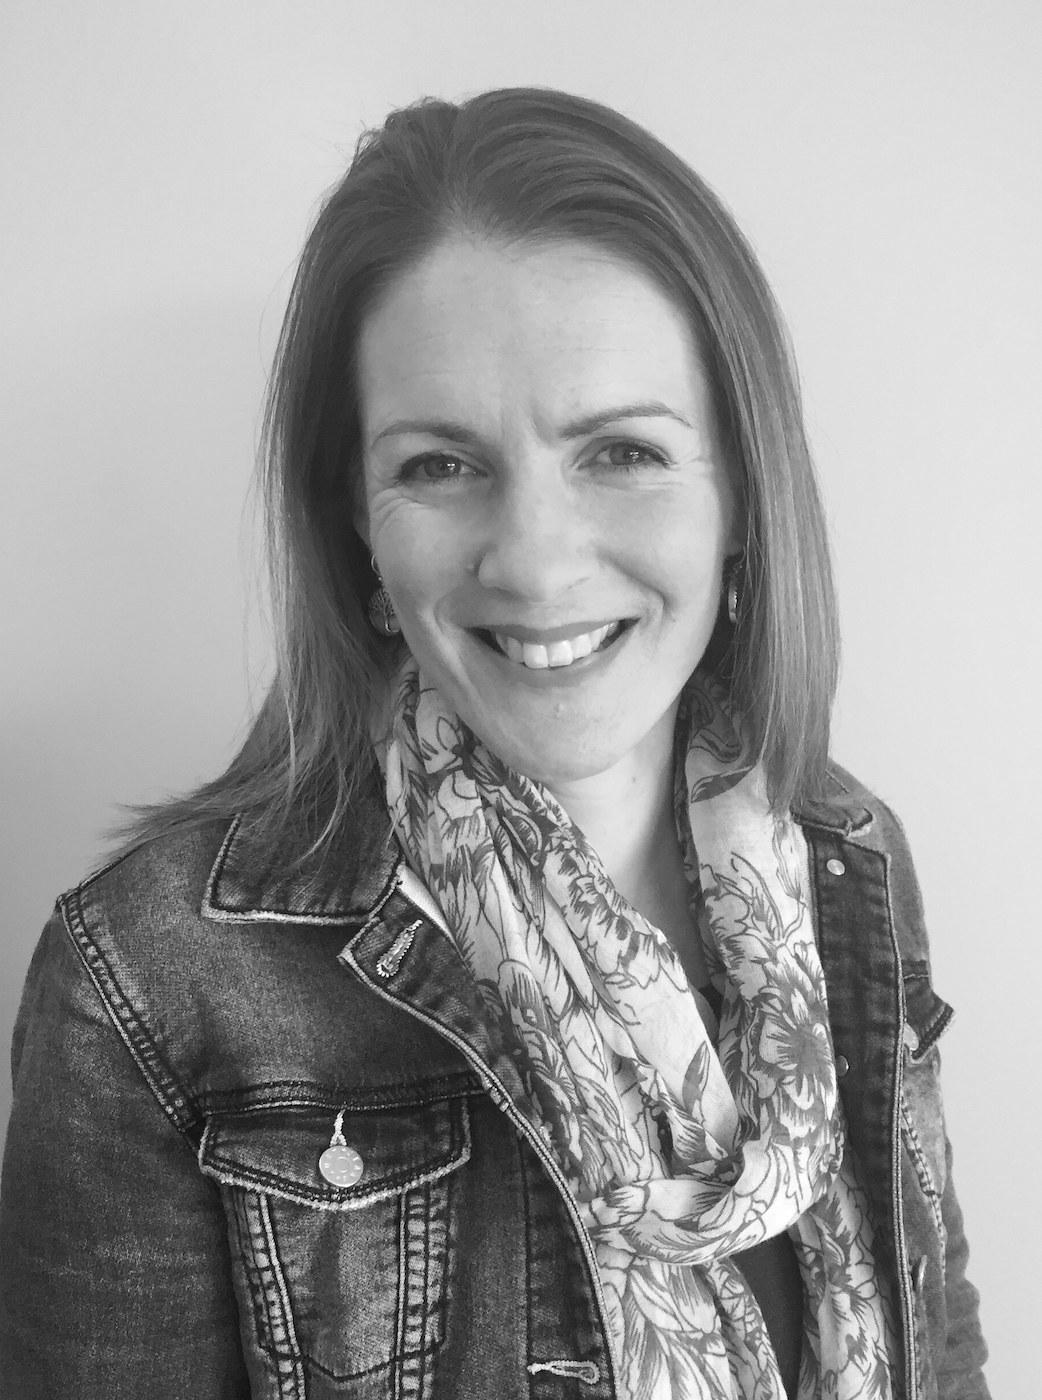 Sarah Luton